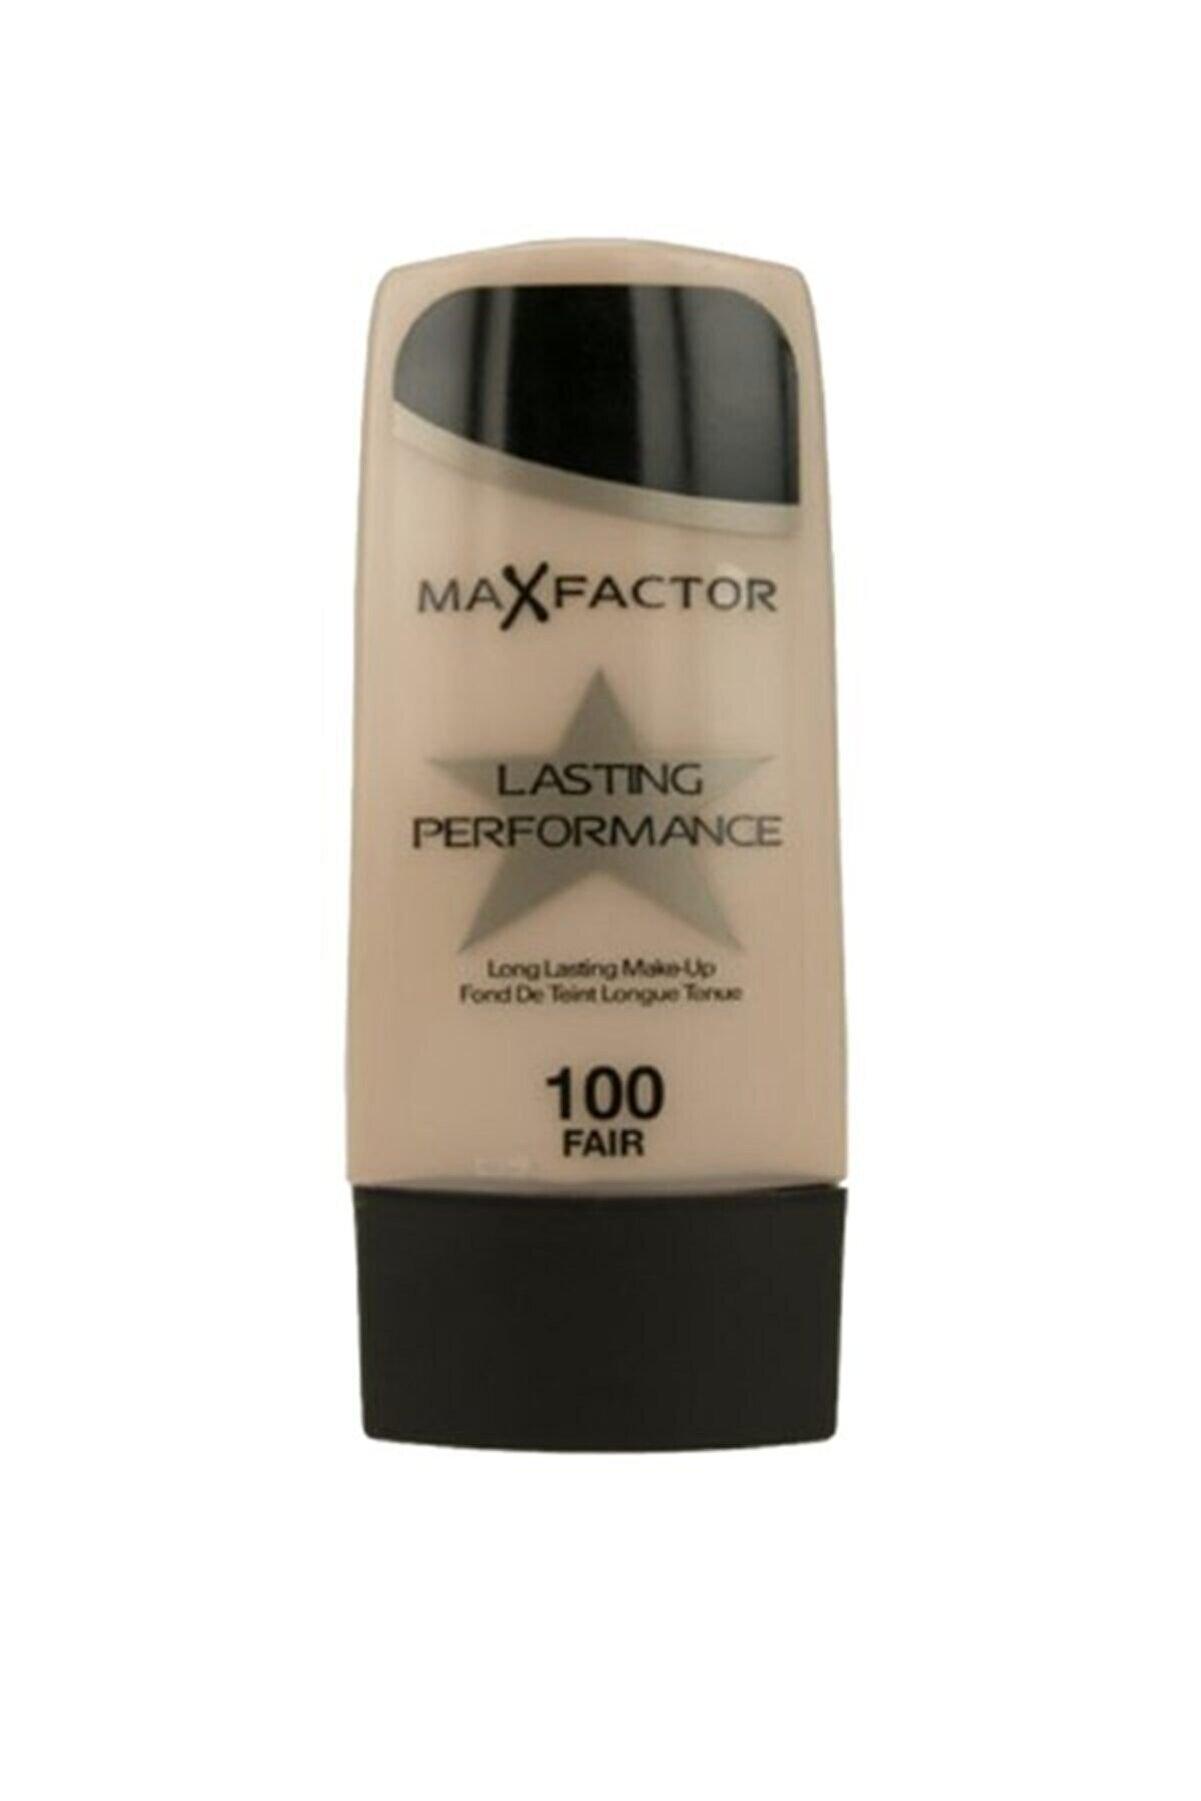 Max Factor Lasting Performance Fondöten Fair No: 100 030.01 Max 000565